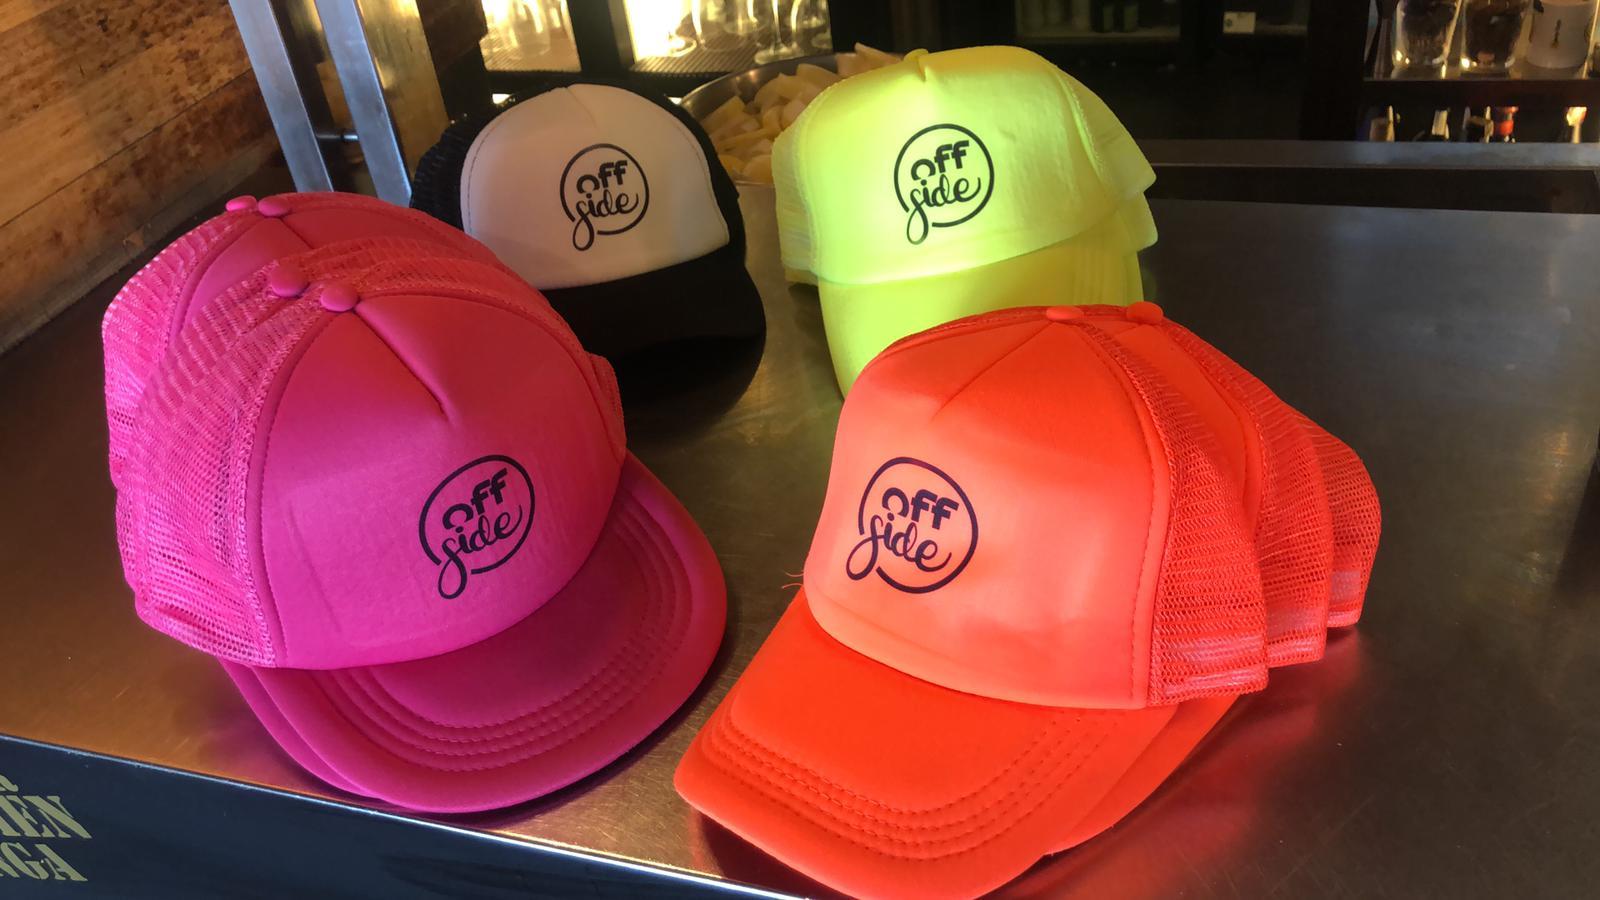 Gorras de diferentes colores con logo de Offside